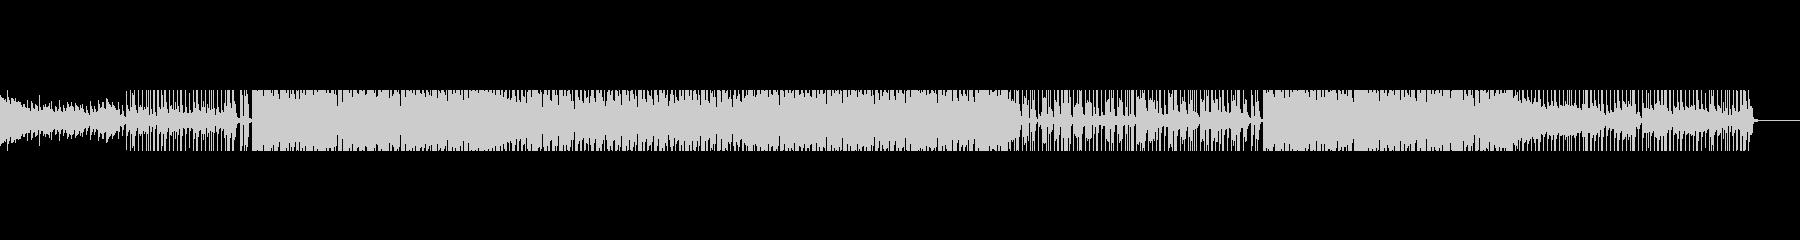 【パターン1】明るく元気なテクノポップの未再生の波形